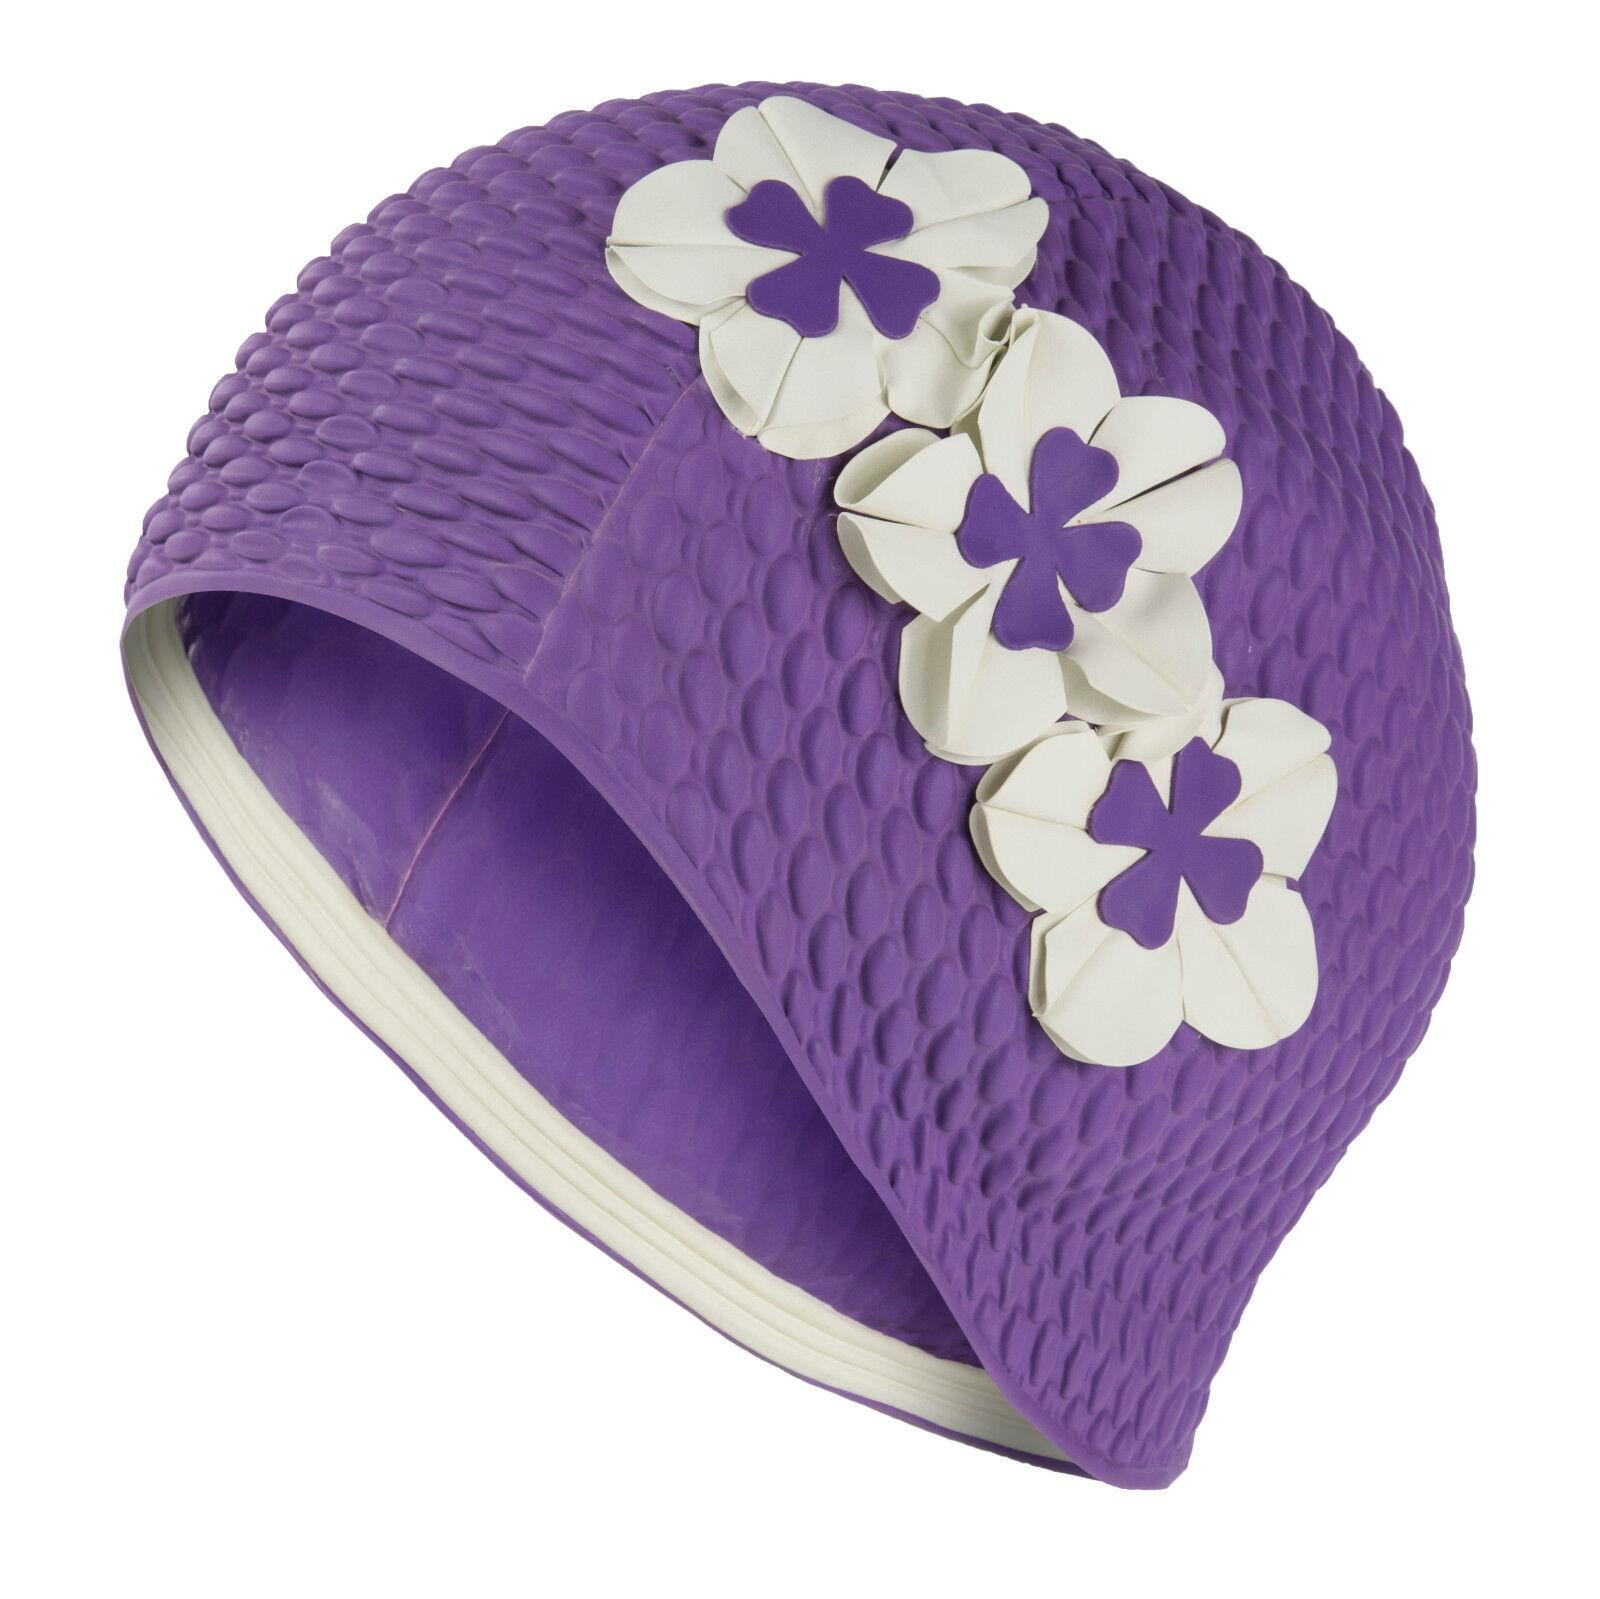 femmes violet natation bonnet blanches chapeau de avec 3 fleurs blanches bonnet bain casquette fd9c72